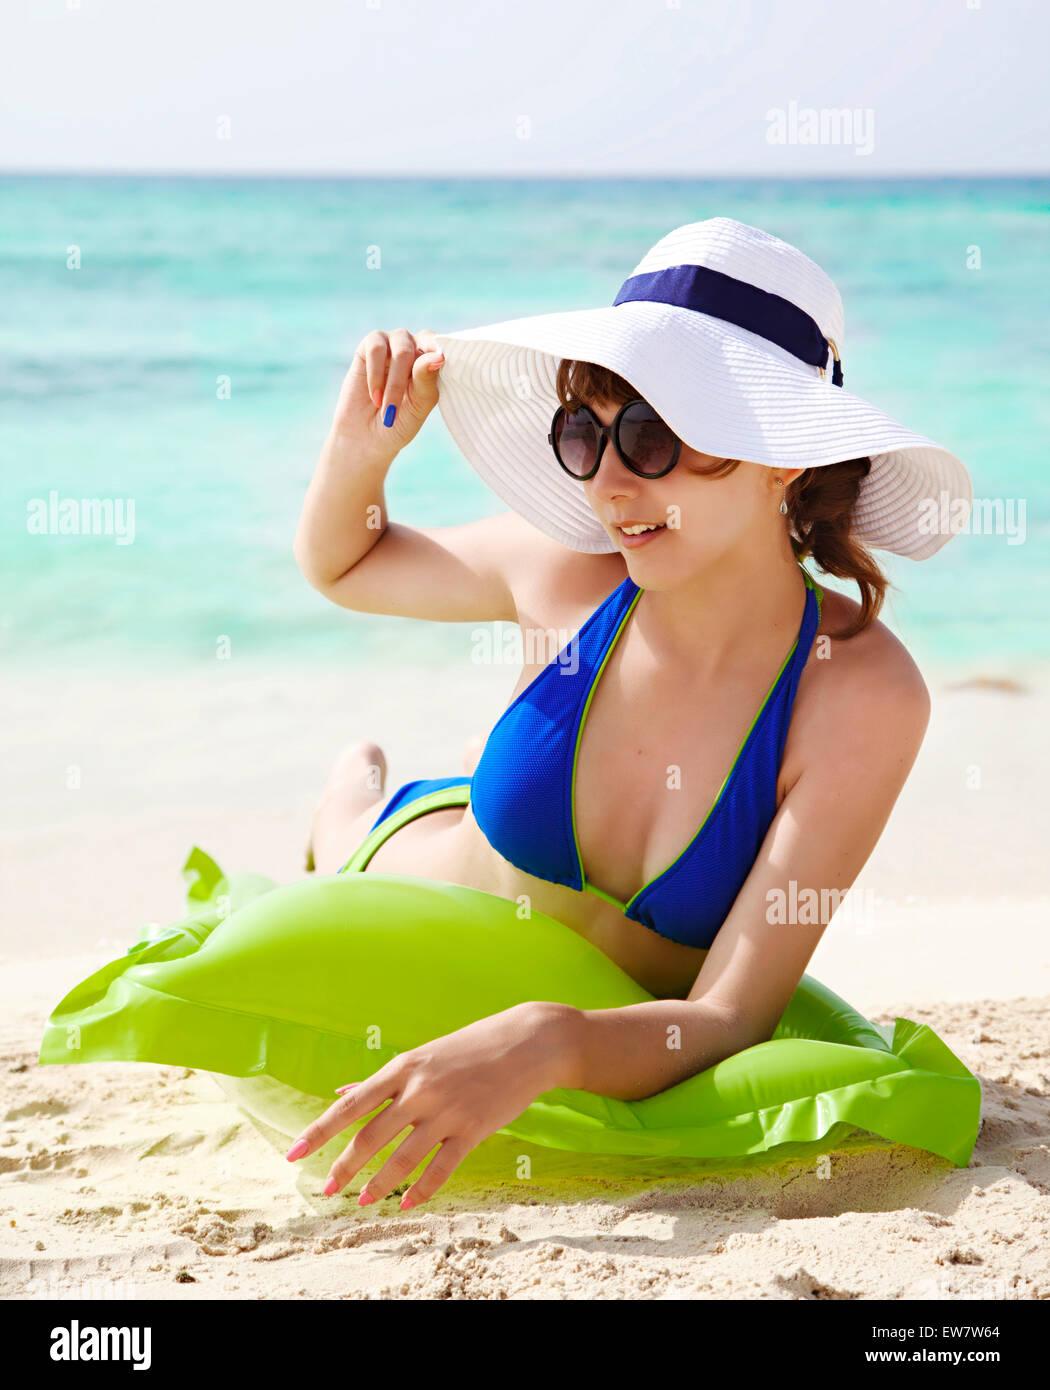 Adolescente en bikini tomando el sol en la playa Foto de stock